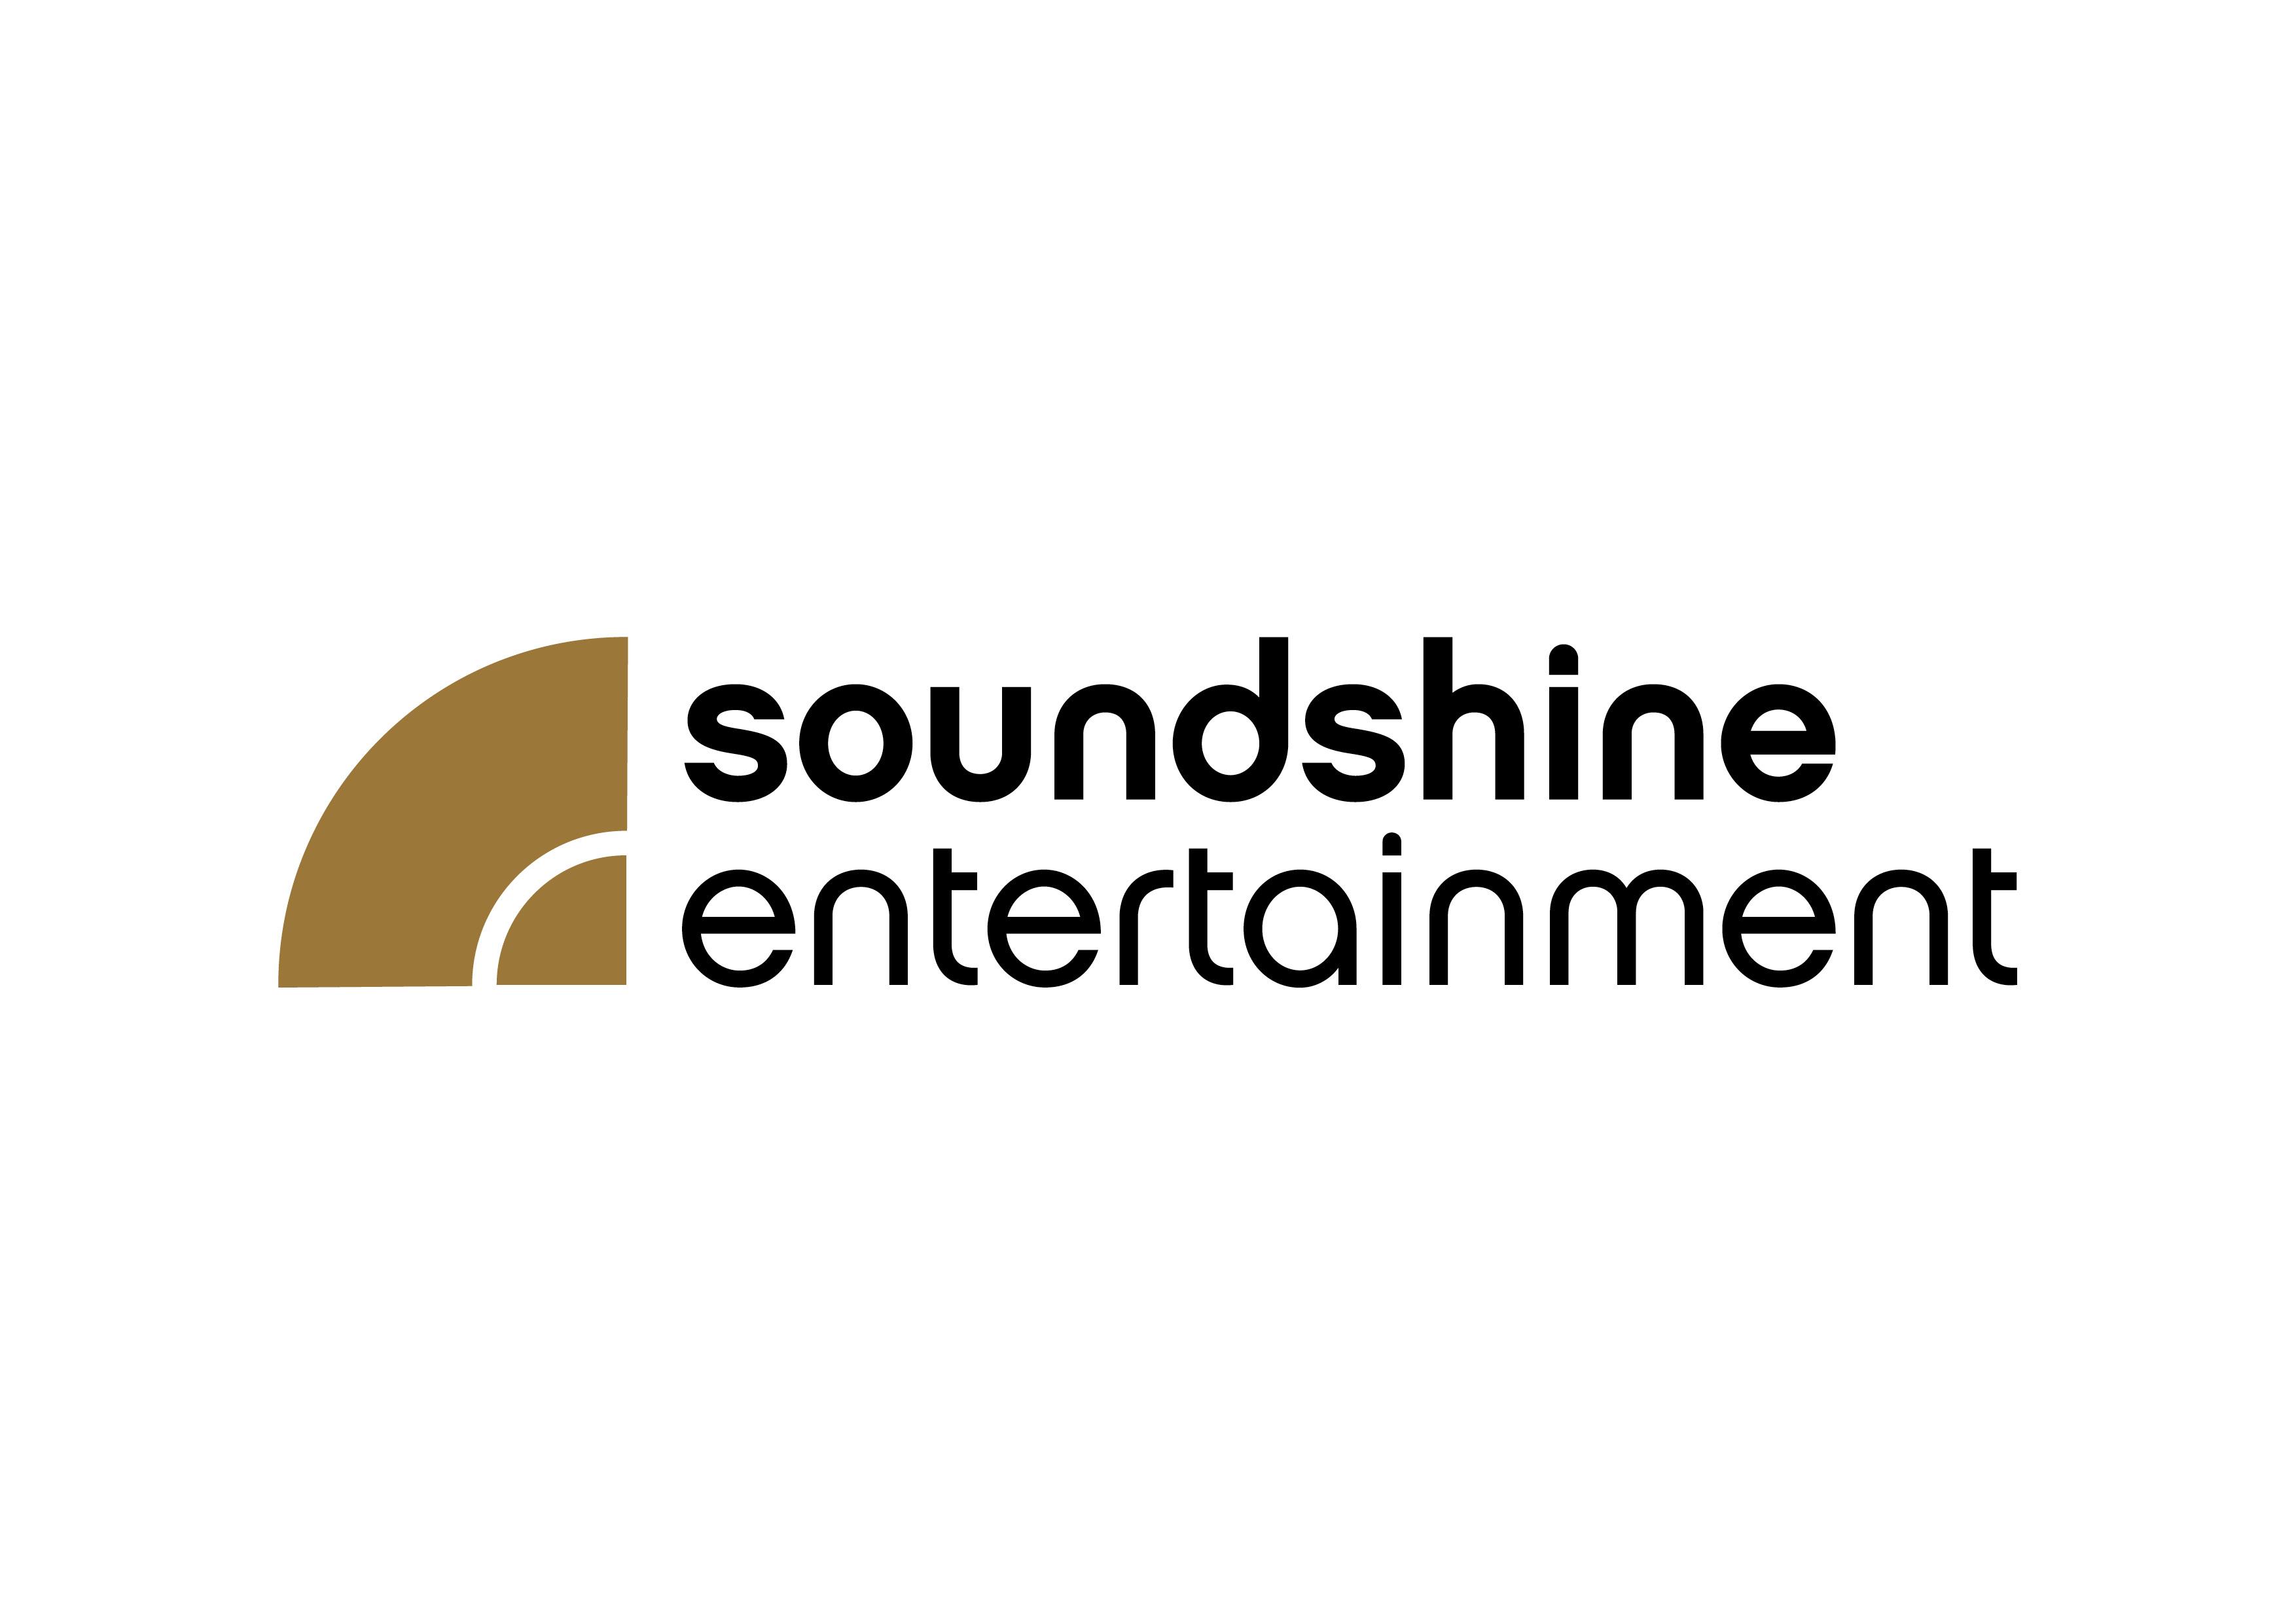 soundshine entertainment - Partenaire de Messefair